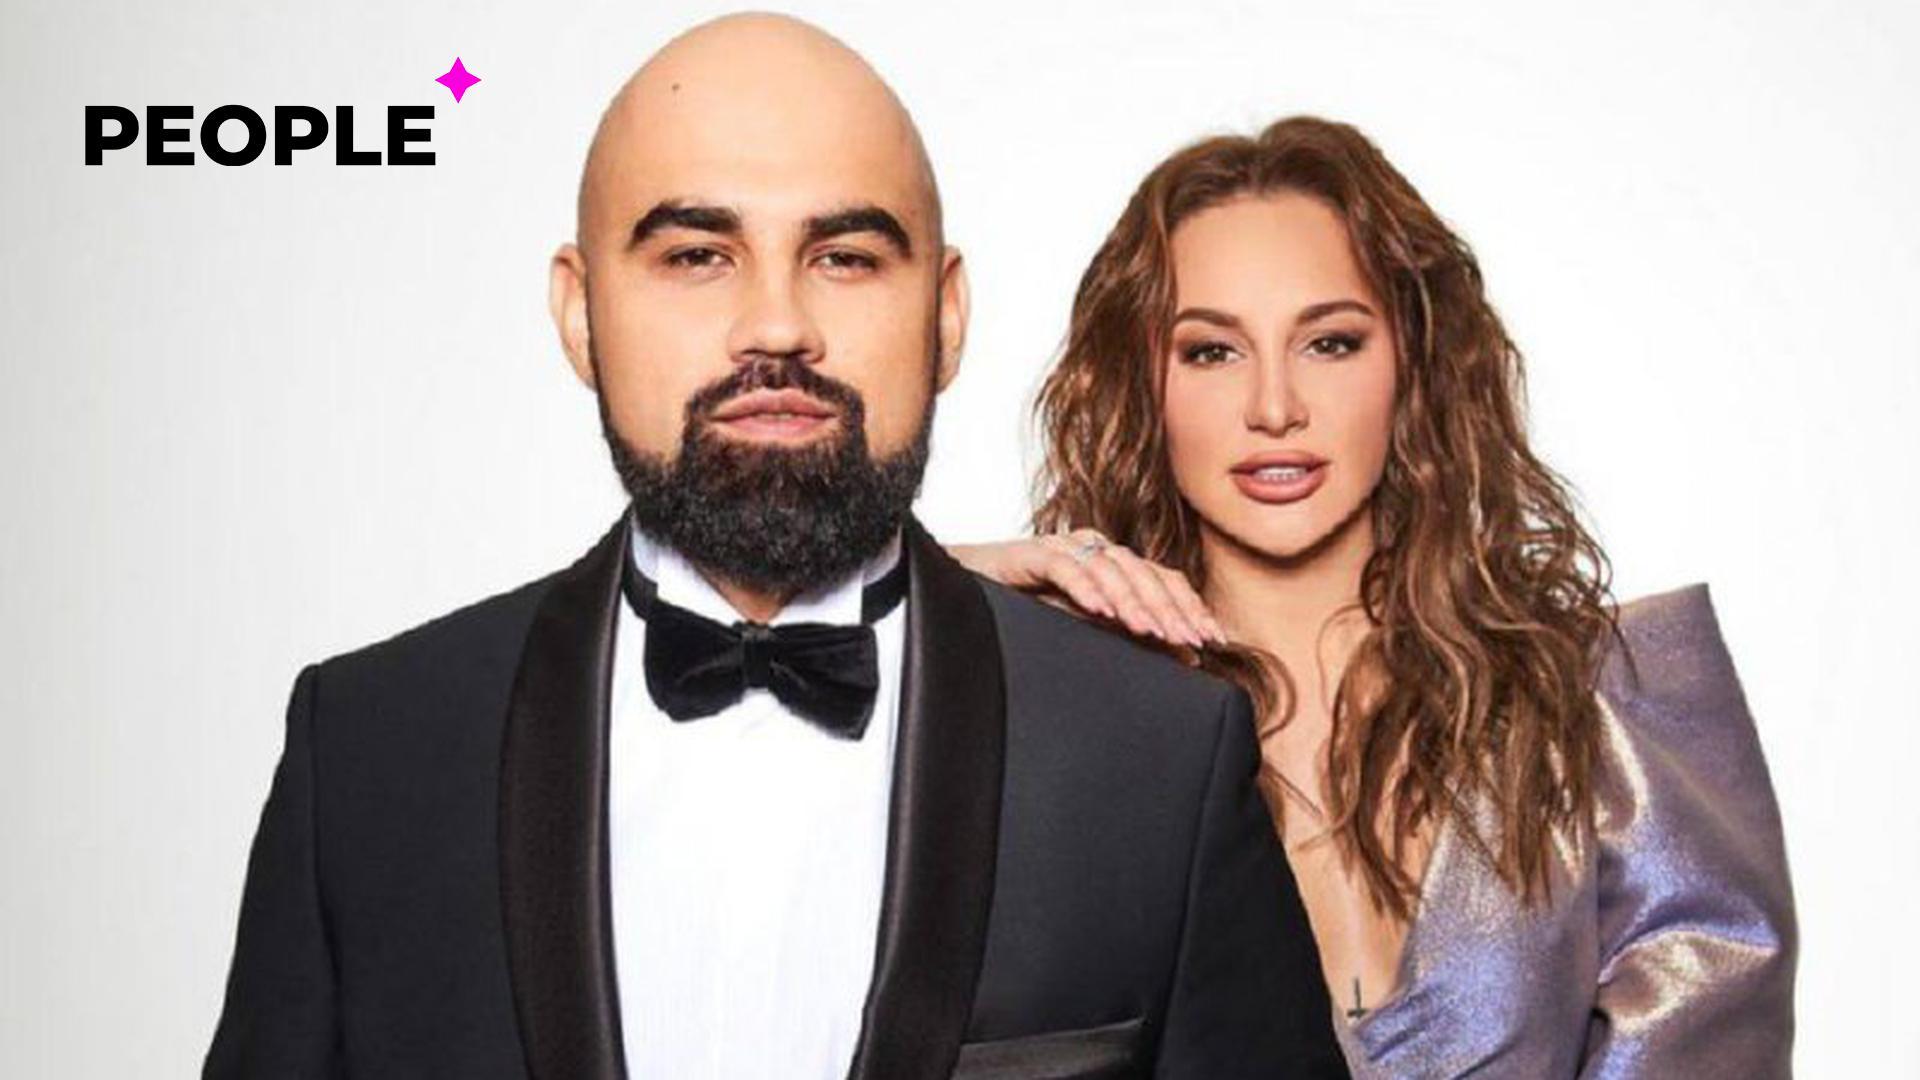 Солистка дуэта Artik&Asti оскорбила тиктокеров из-за многомиллионных заработков